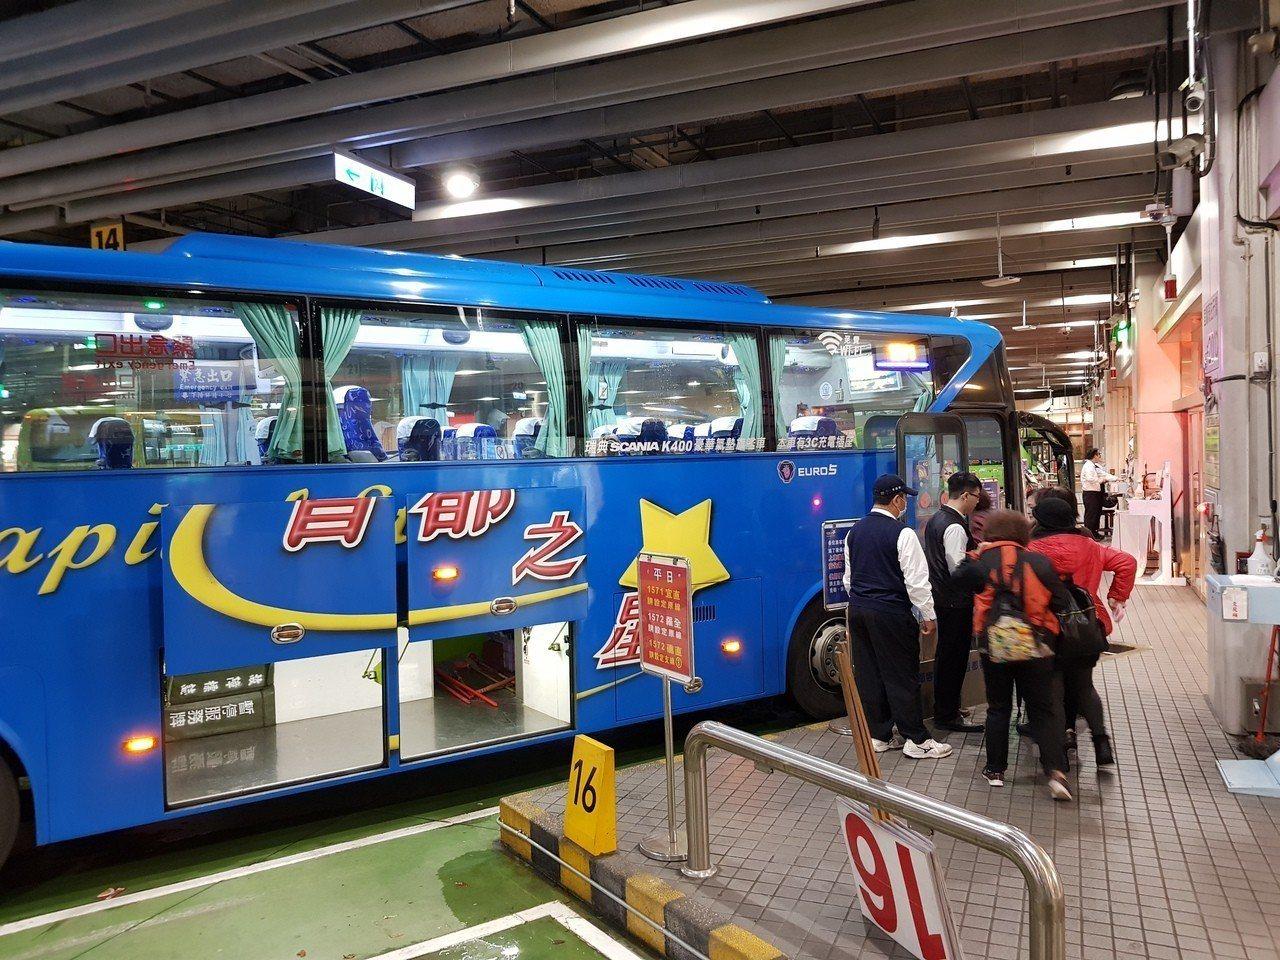 今年春節連假共9天,因應大台北與宜蘭之間的返鄉、出遊人車潮,北部客運業者針對往返...